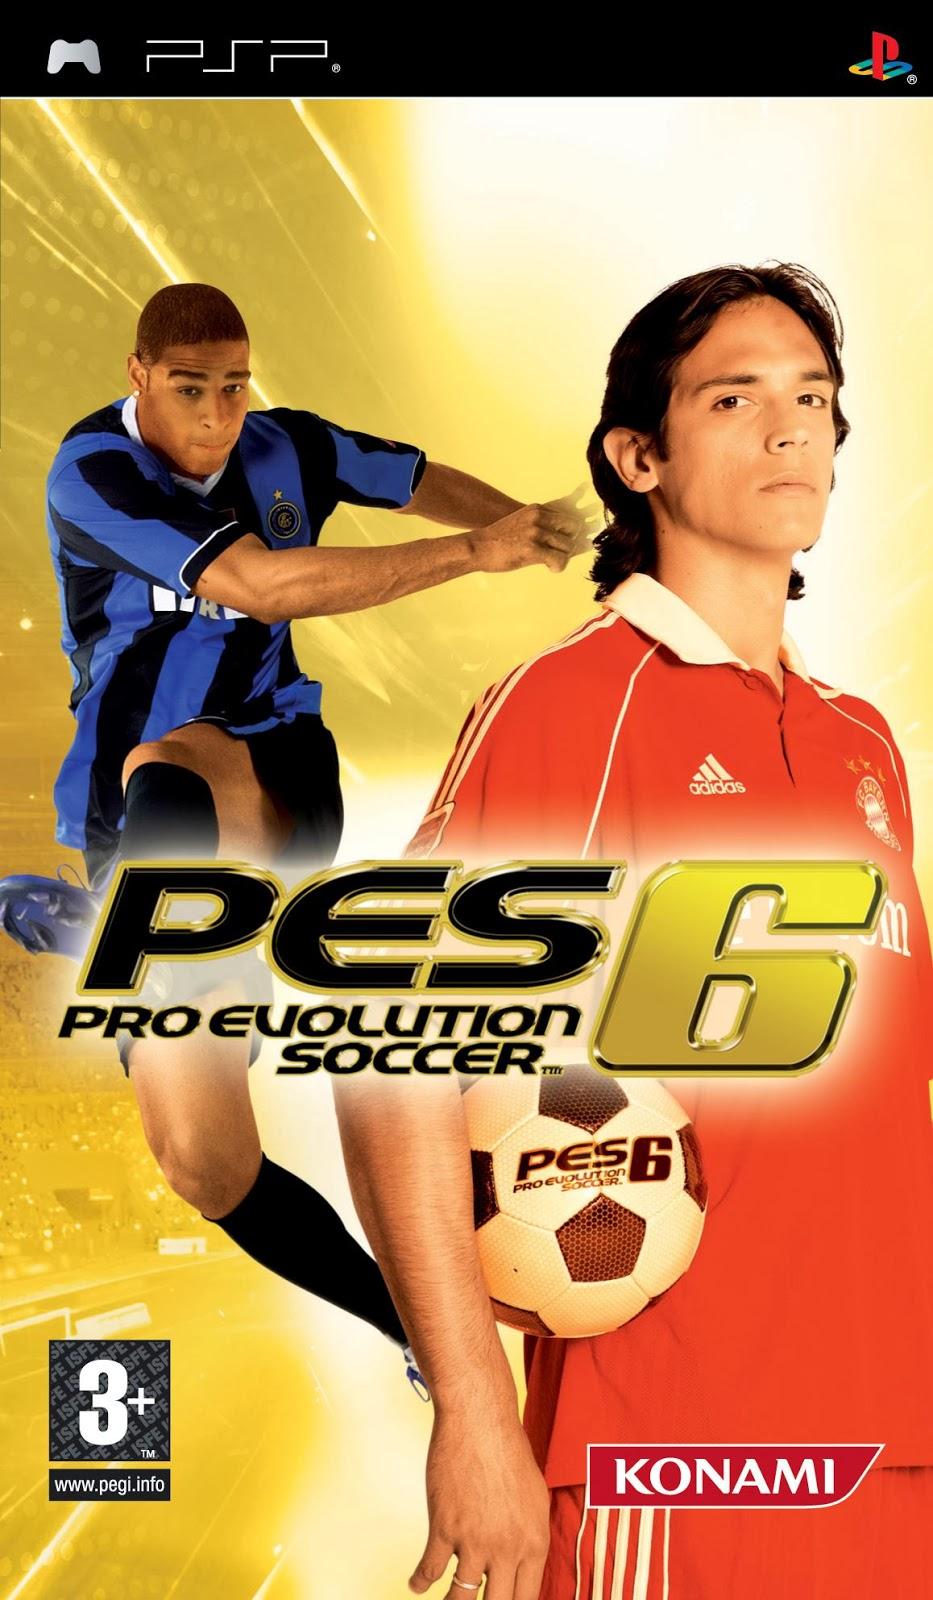 konami pes 2006 free download